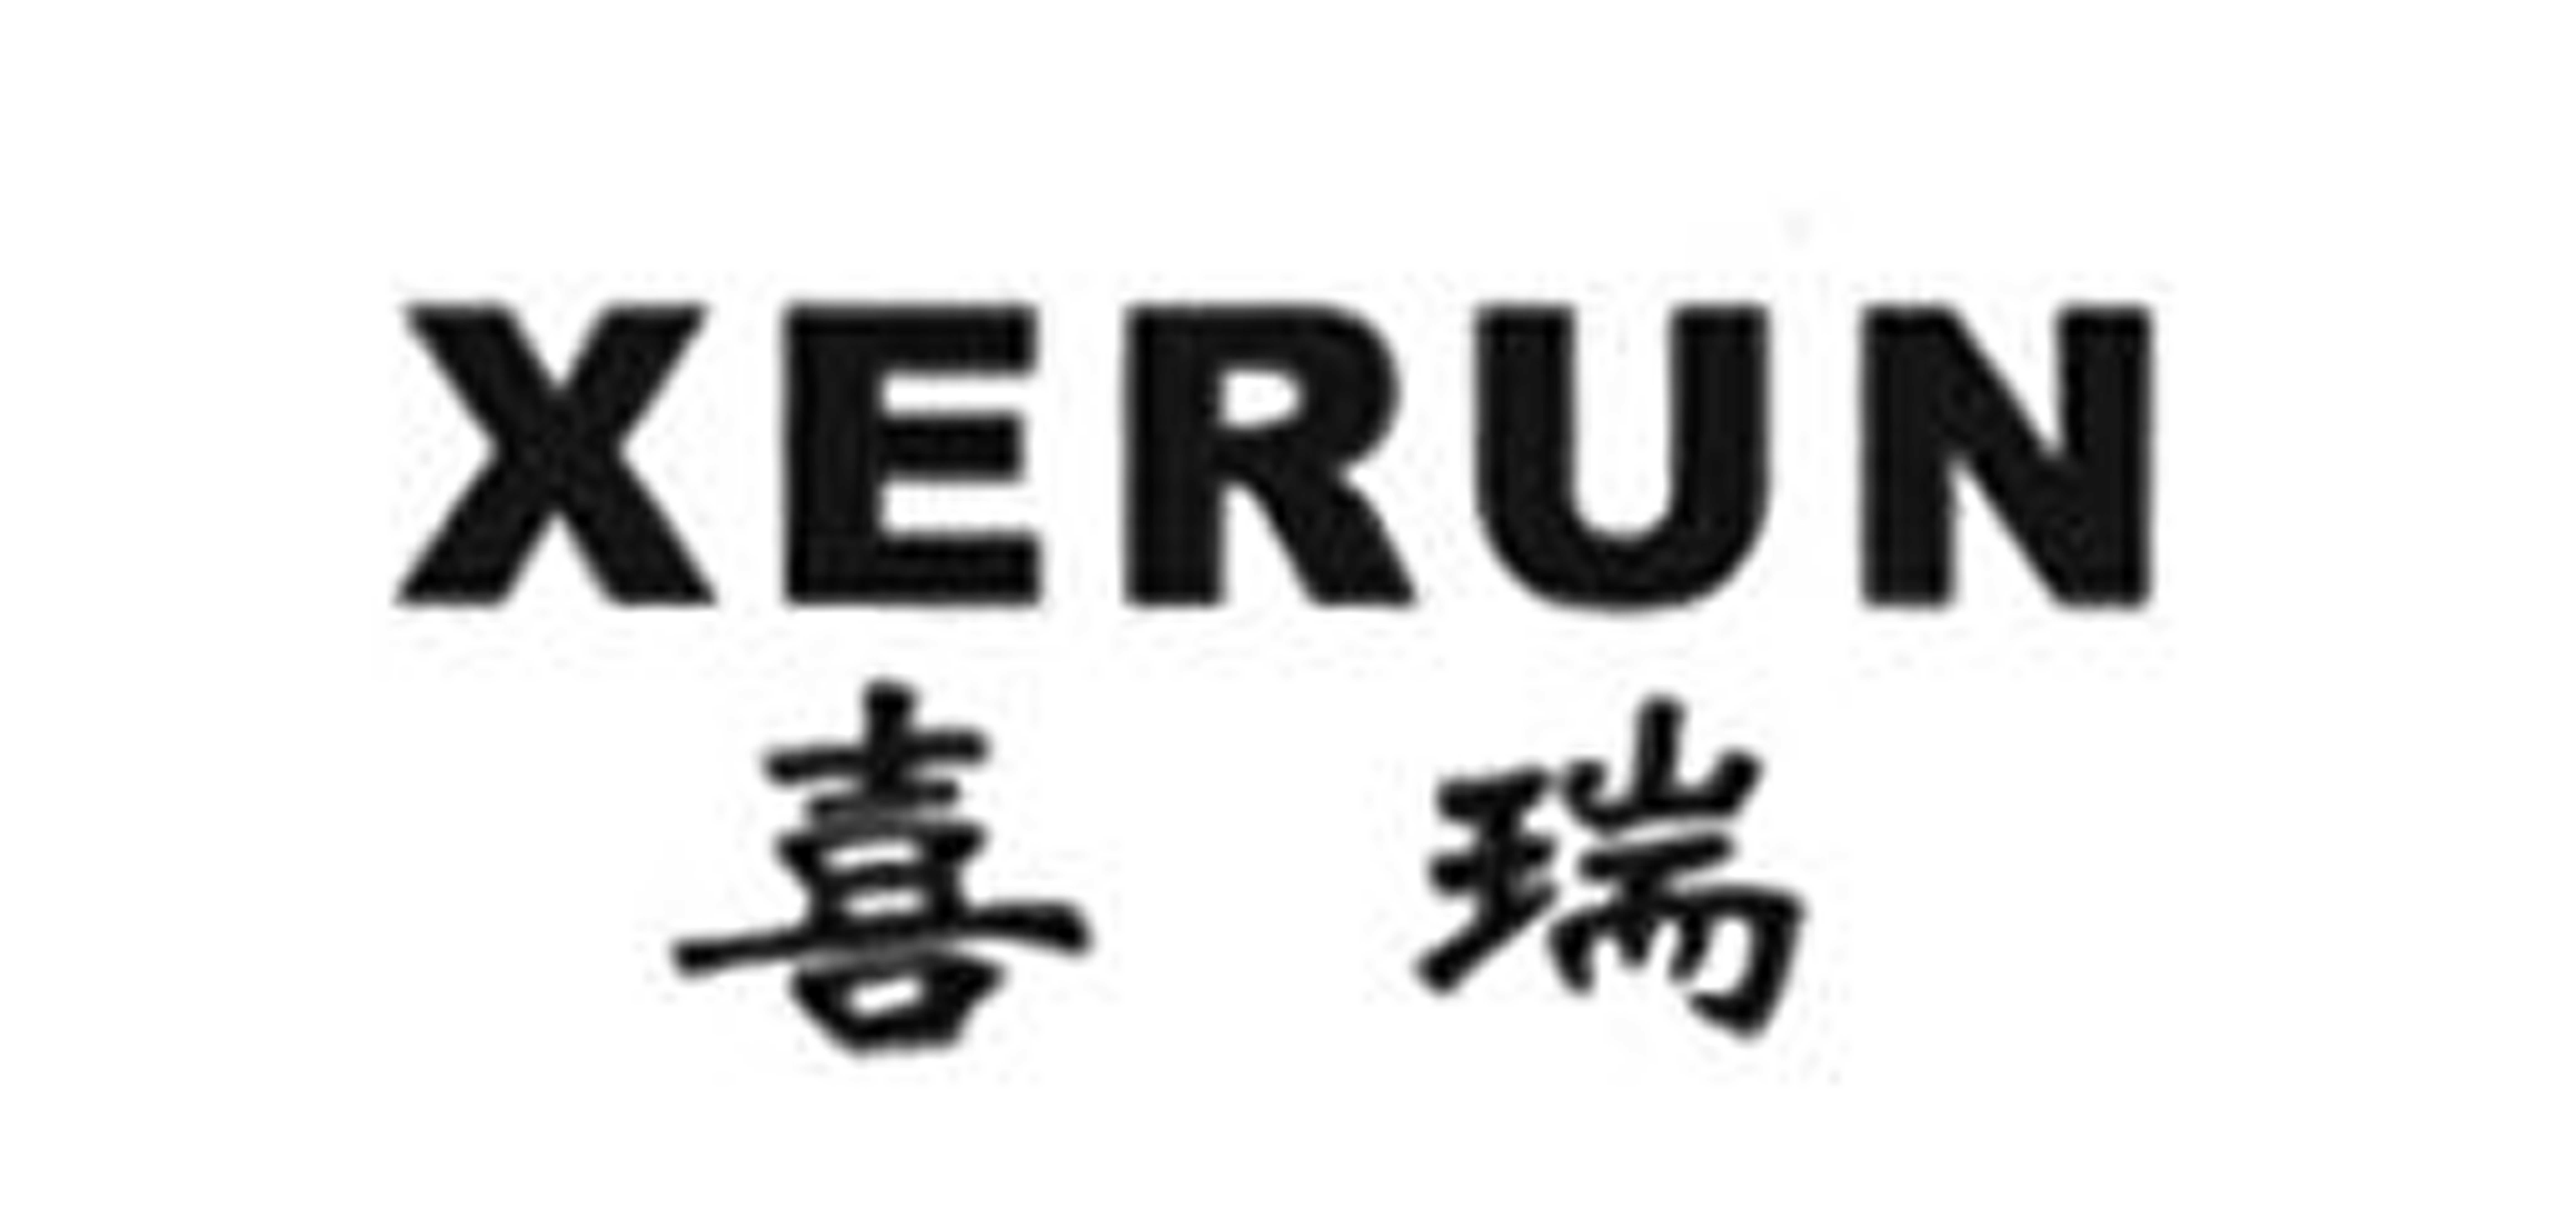 喜瑞/xerun